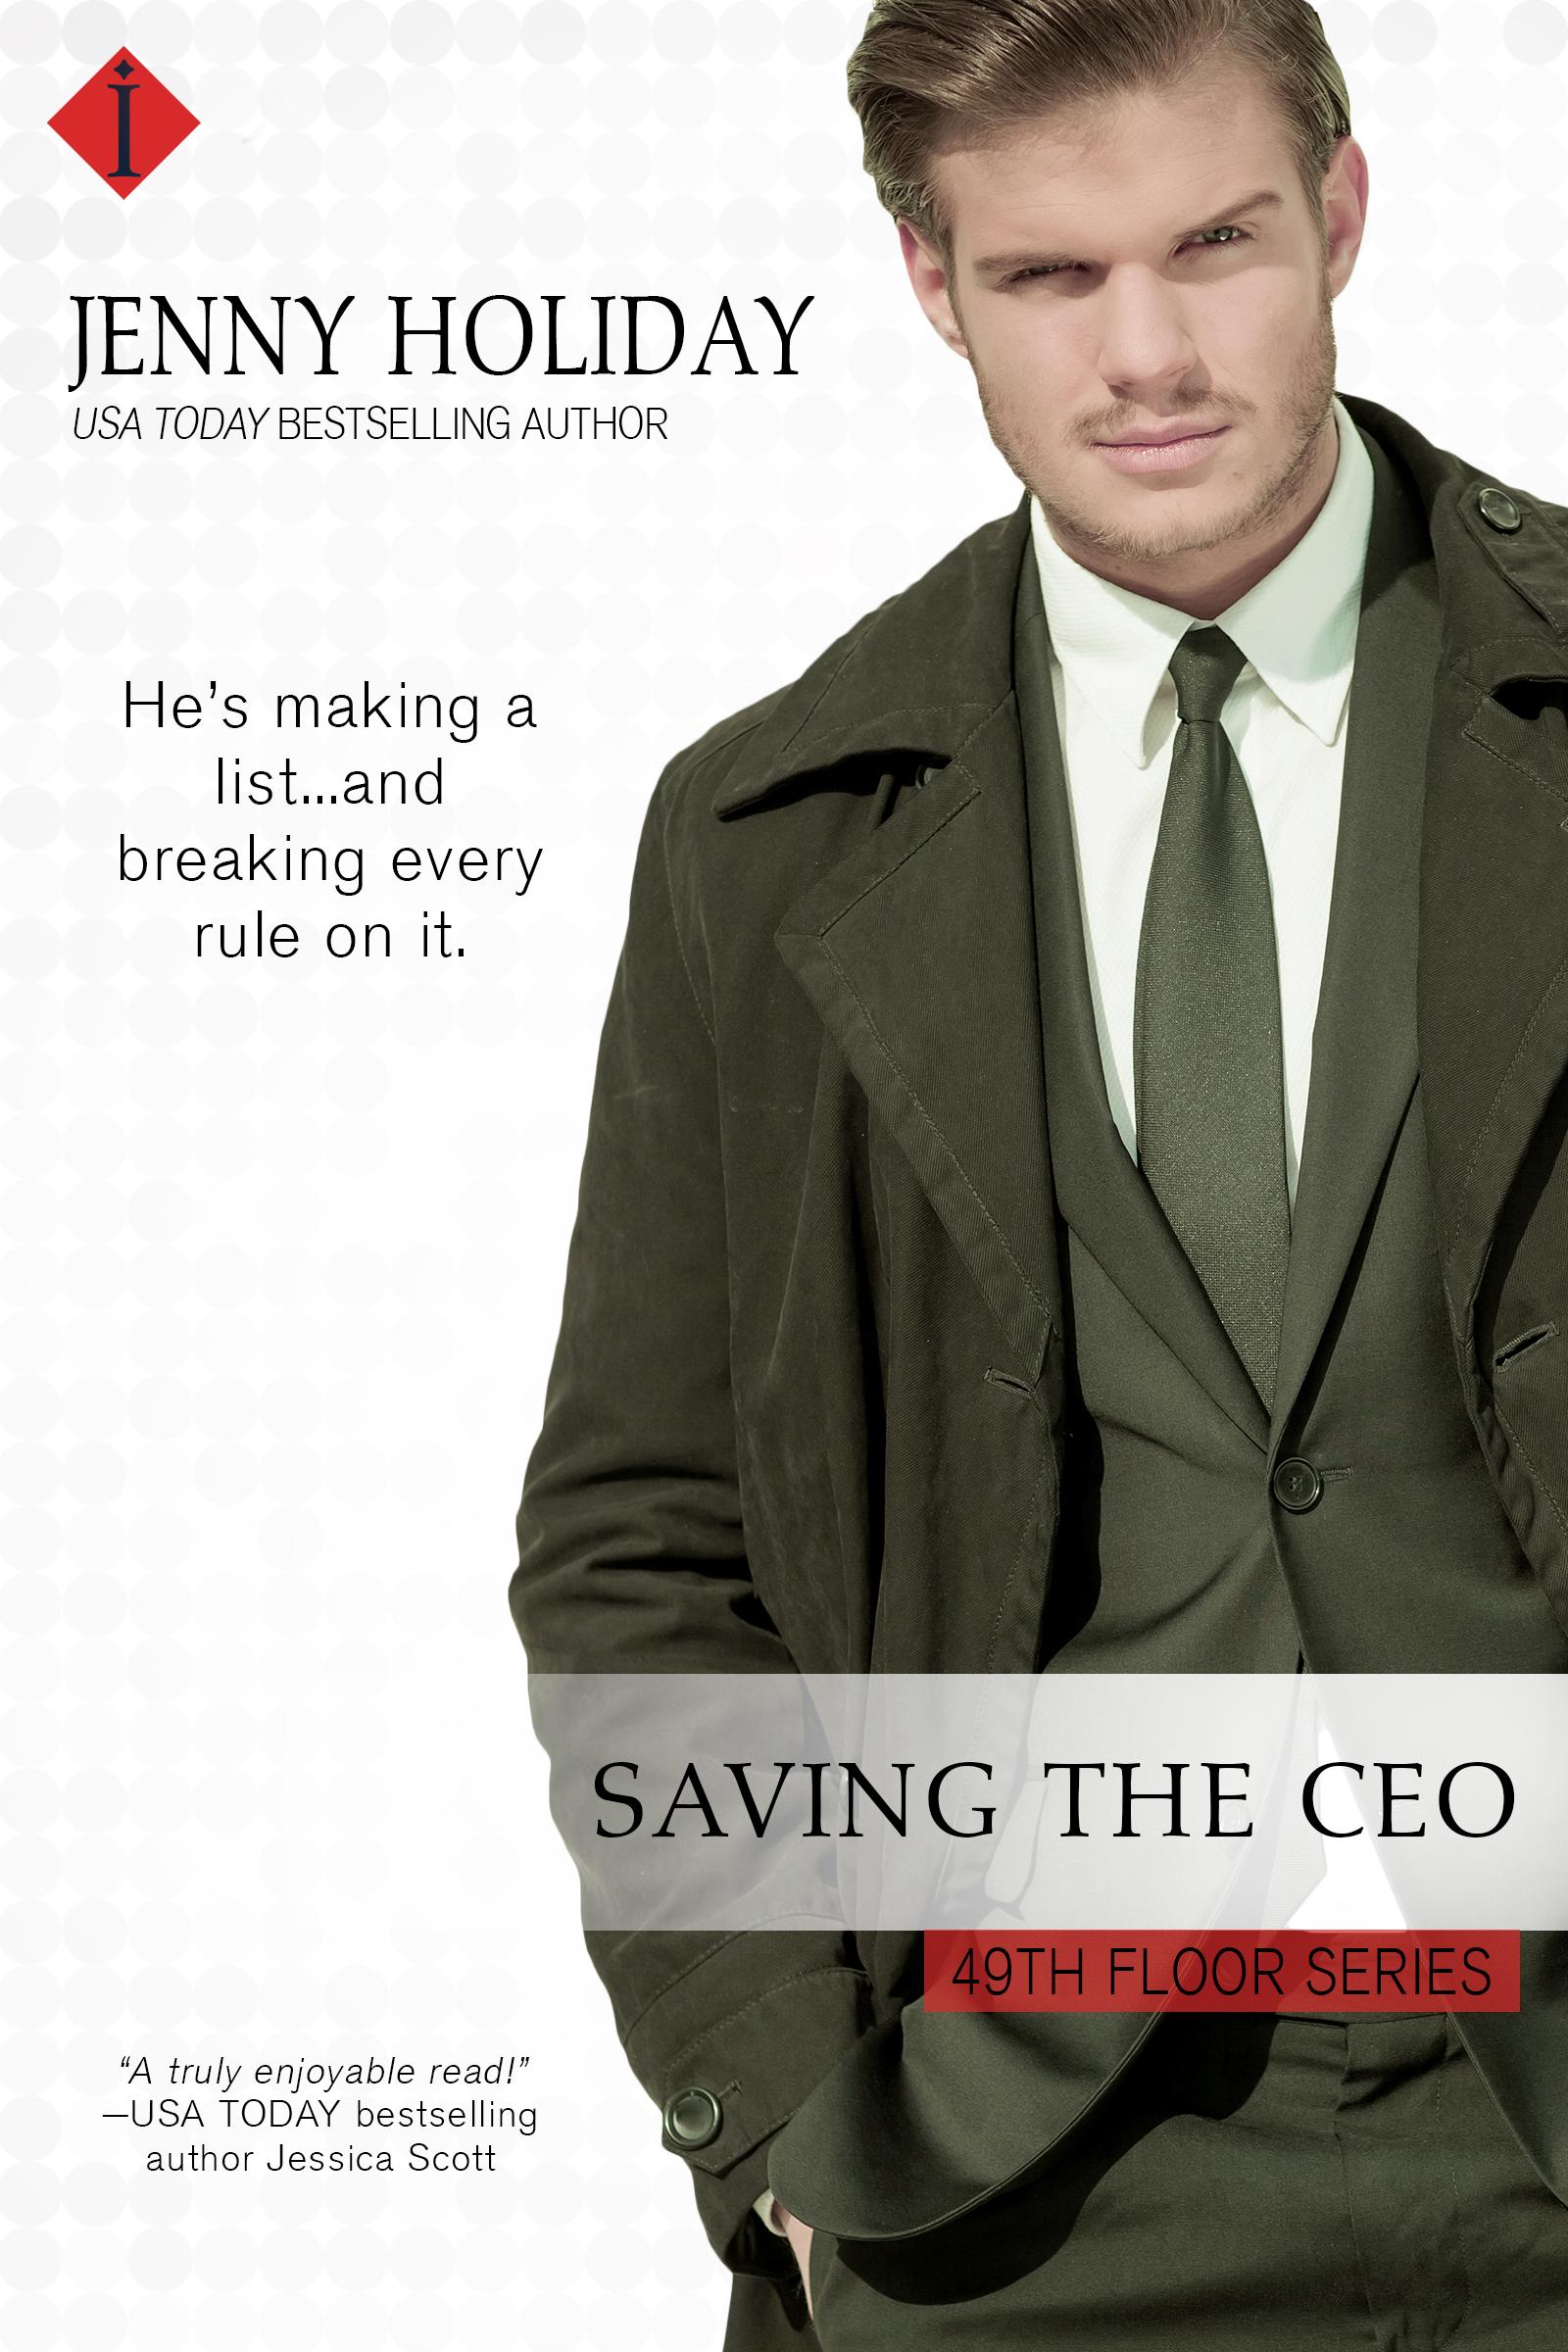 Saving the CEO